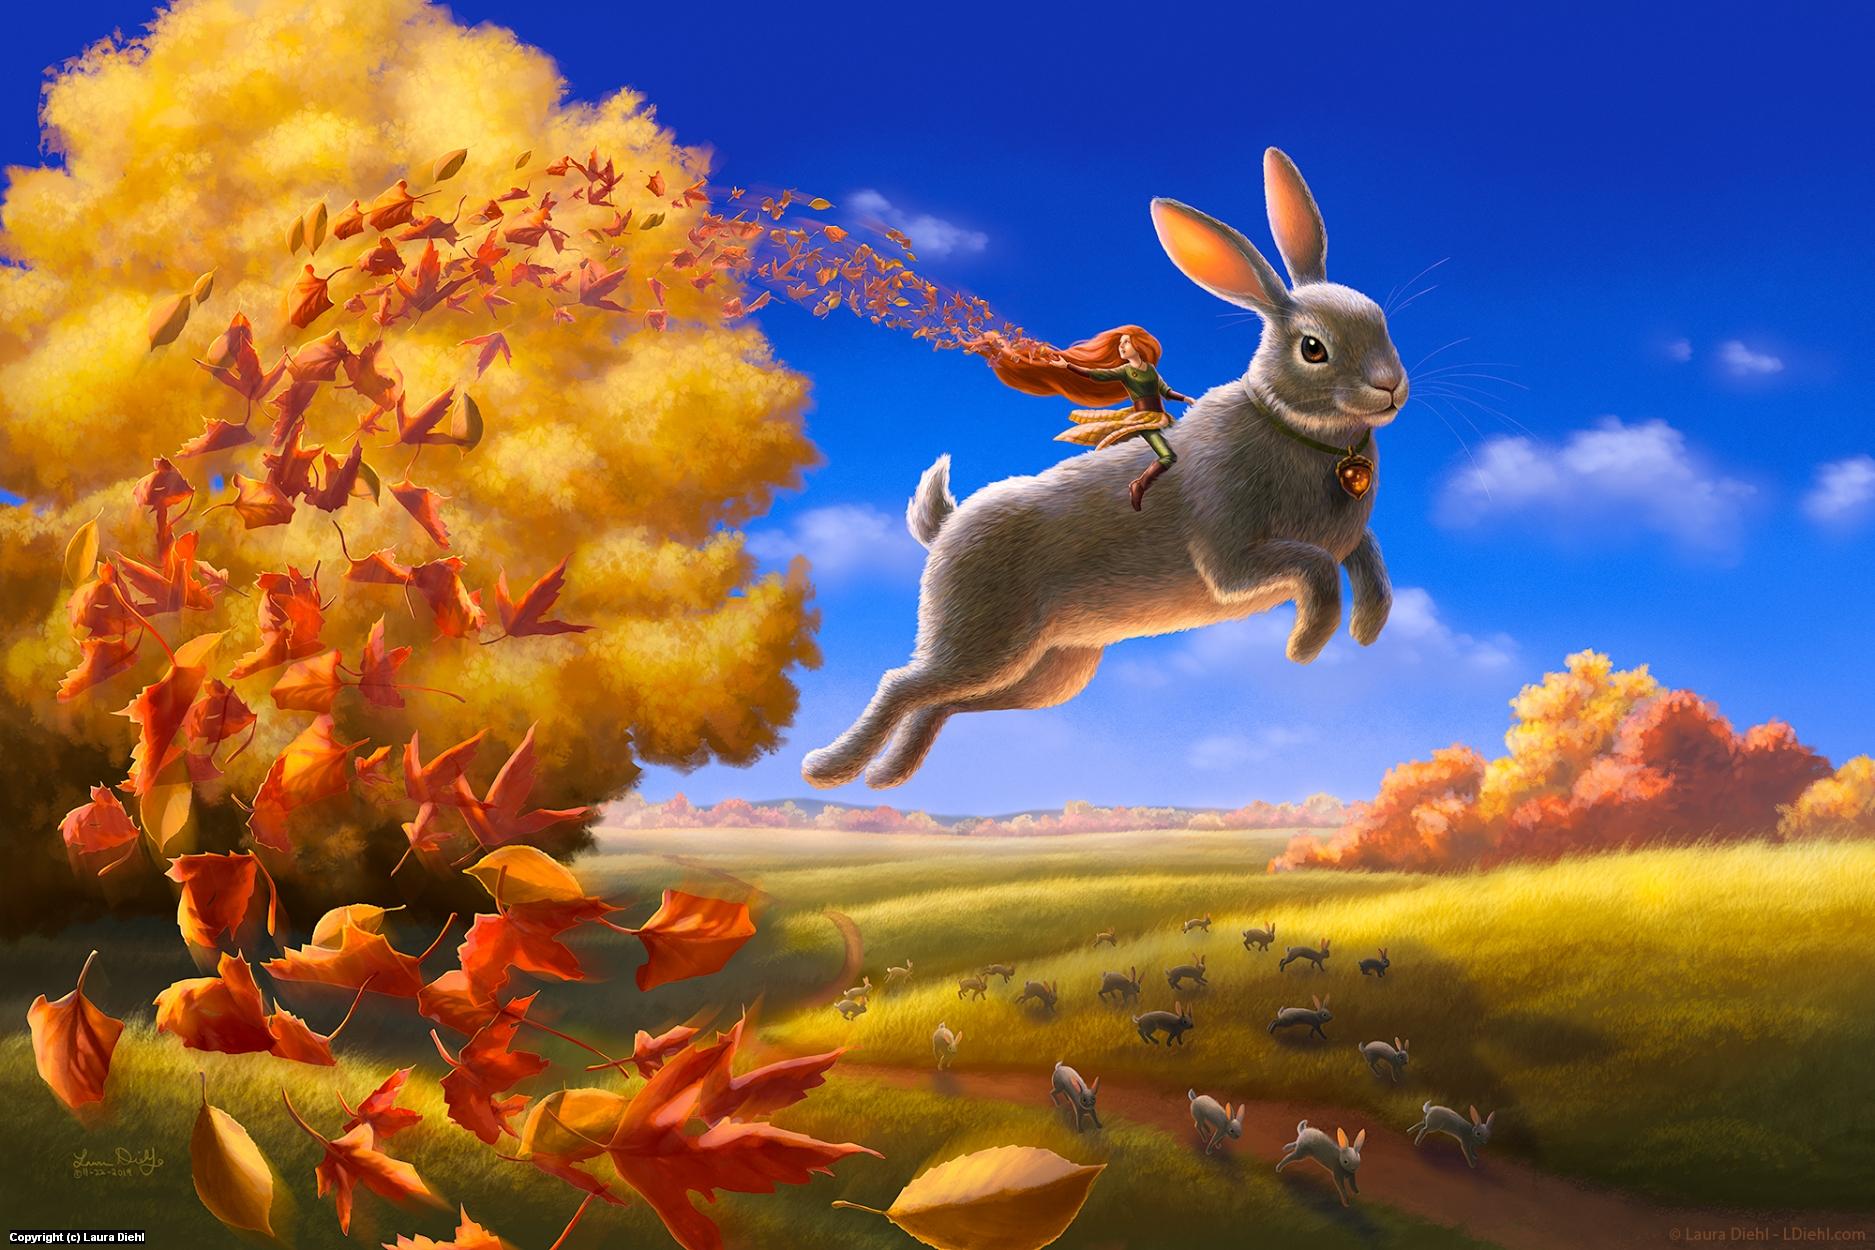 Autumn Leap Artwork by Laura Diehl